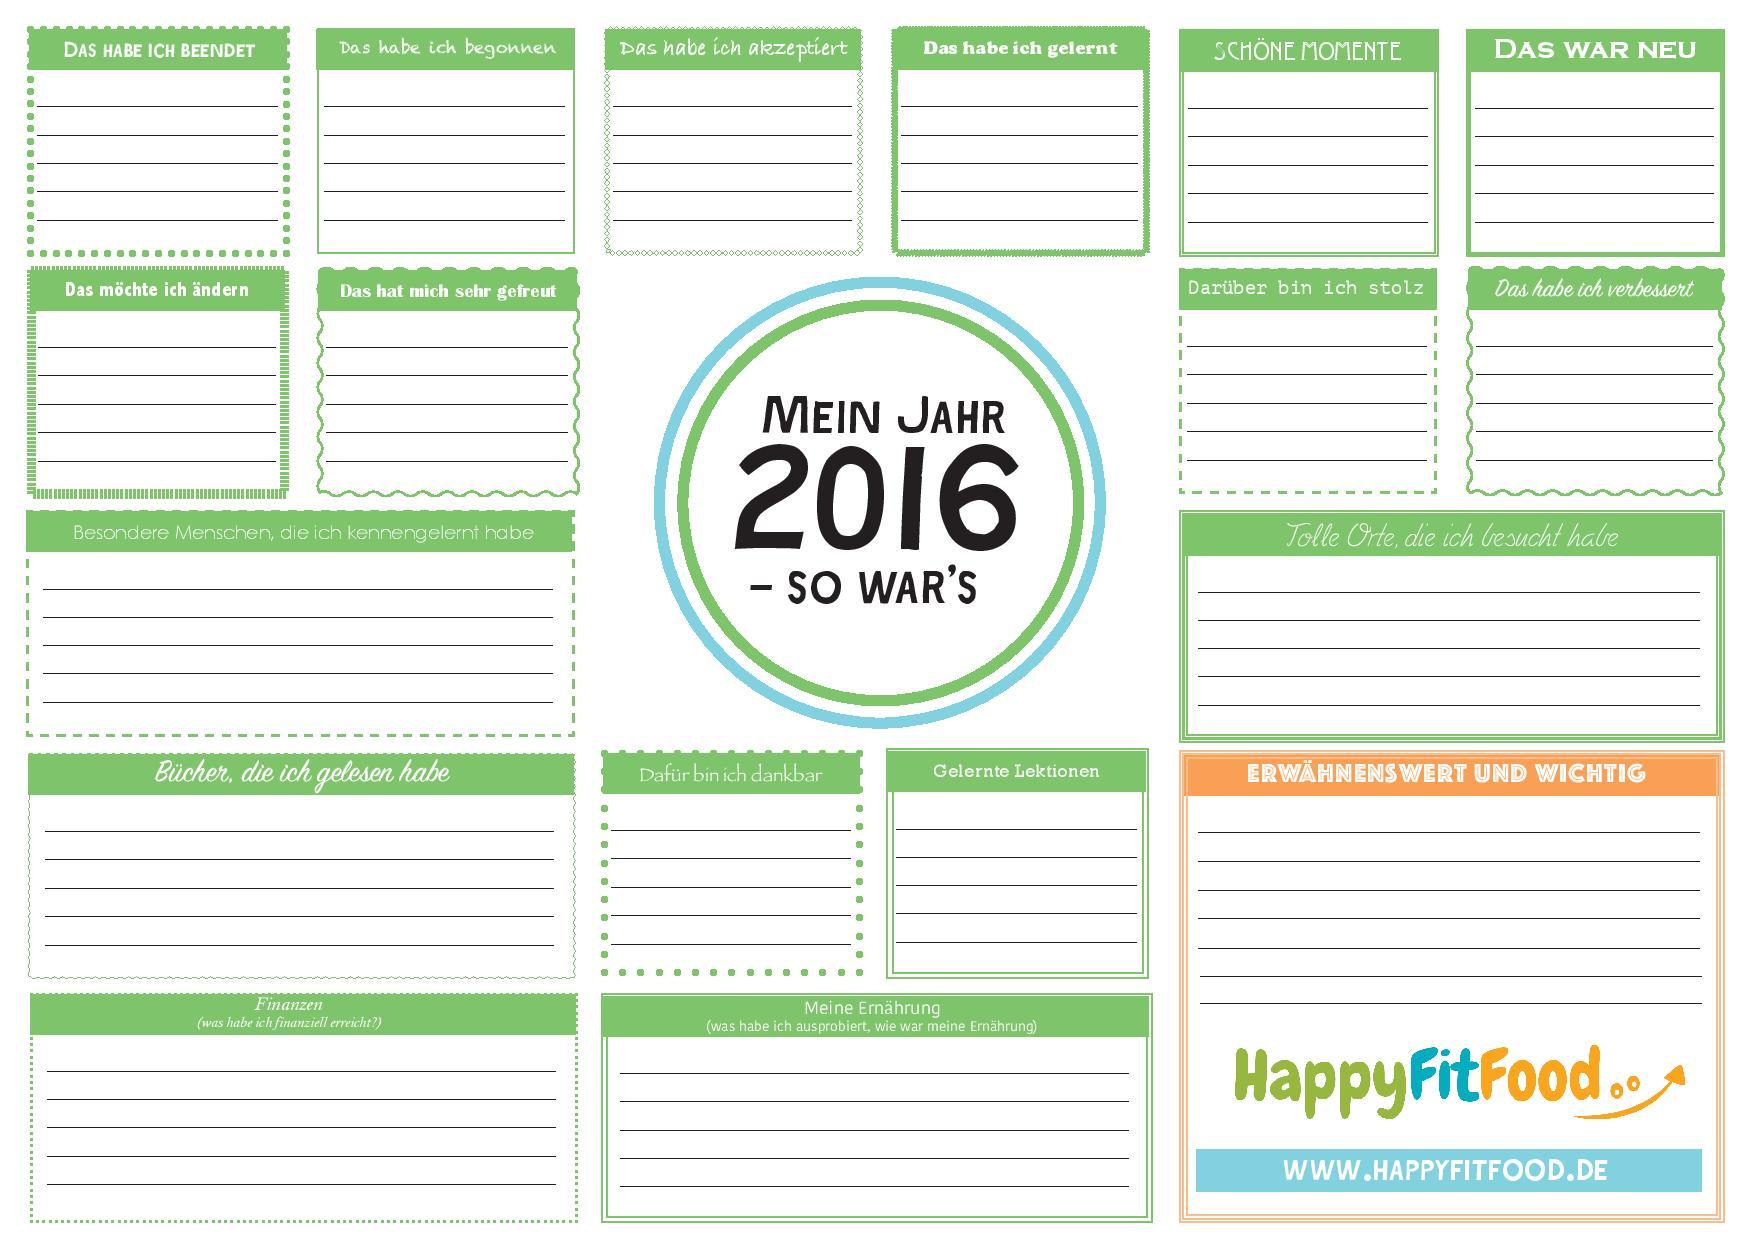 Ein Blick zurück: Wie war mein Jahr 2016? - happyfitfood.de